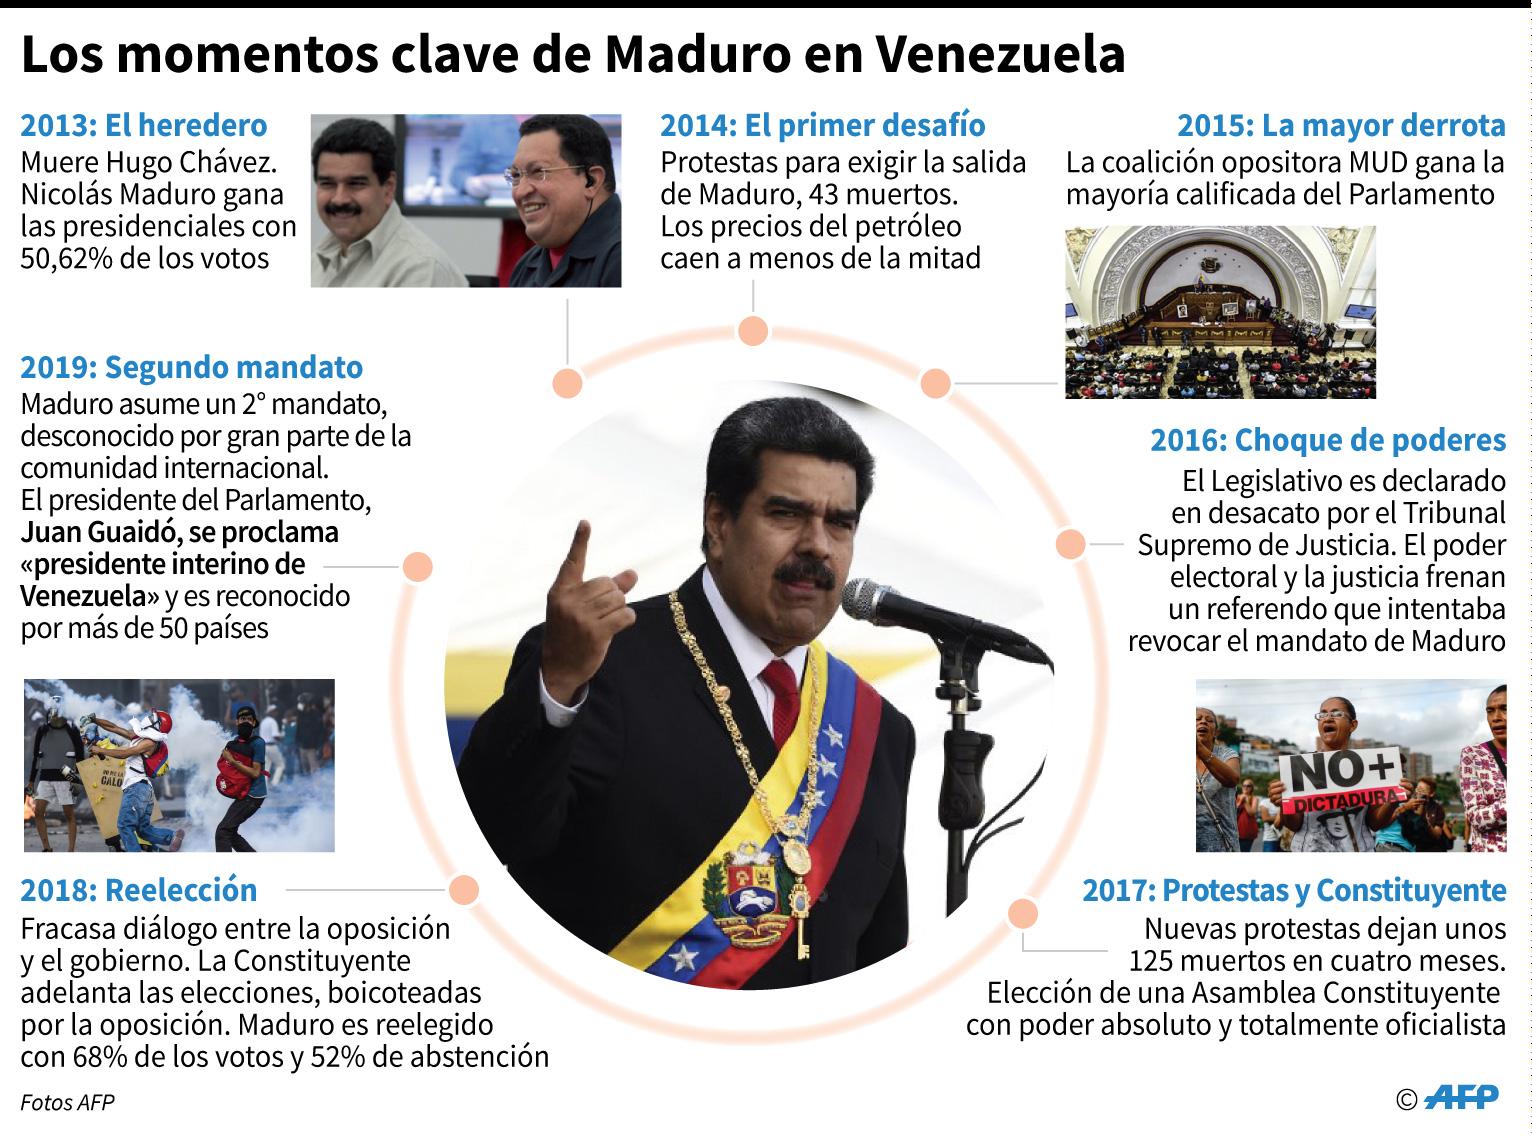 Los momentos clave del régimen de Nicolás Maduro en Venezuela. (AFP)